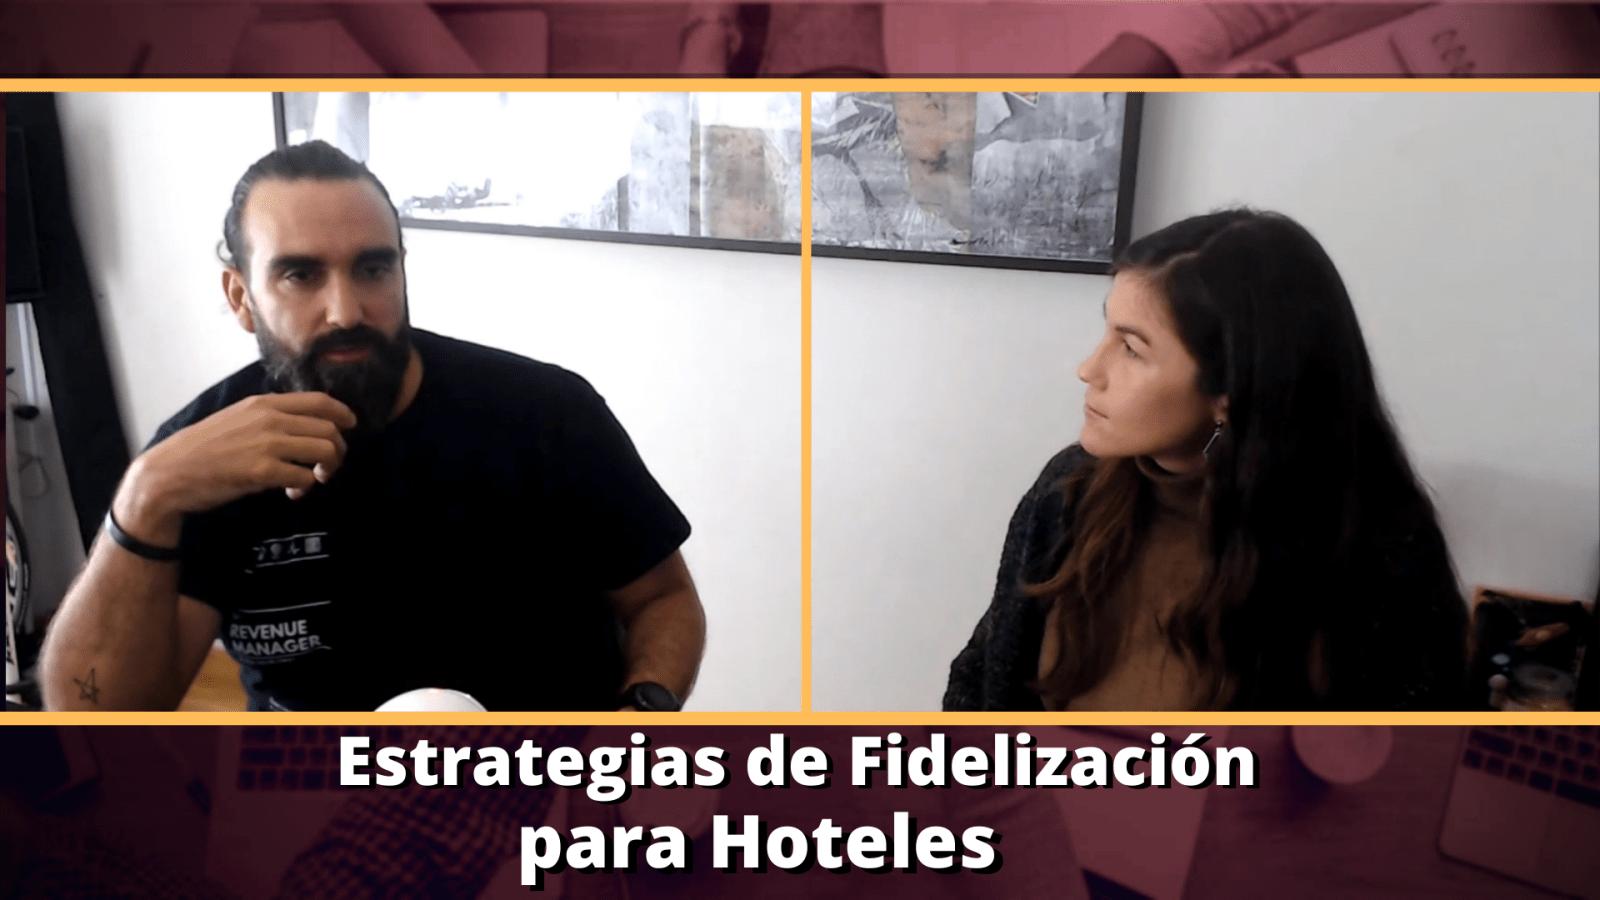 Estrategias de fidelización para hoteles